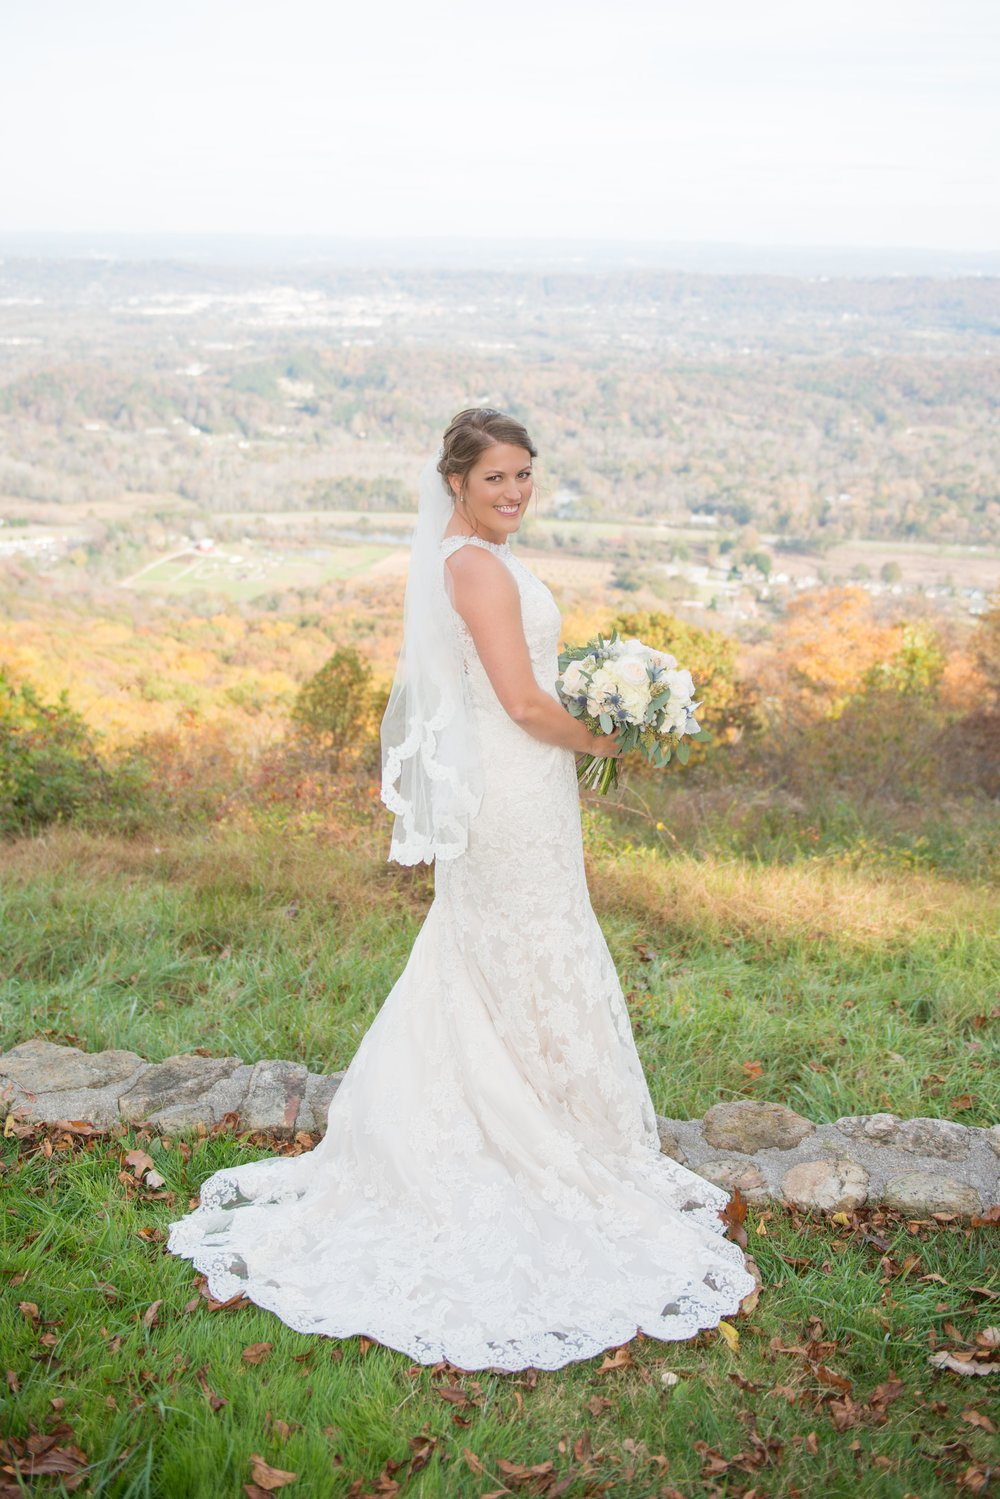 00001_Mitchell-Wedding-SP-30.jpg